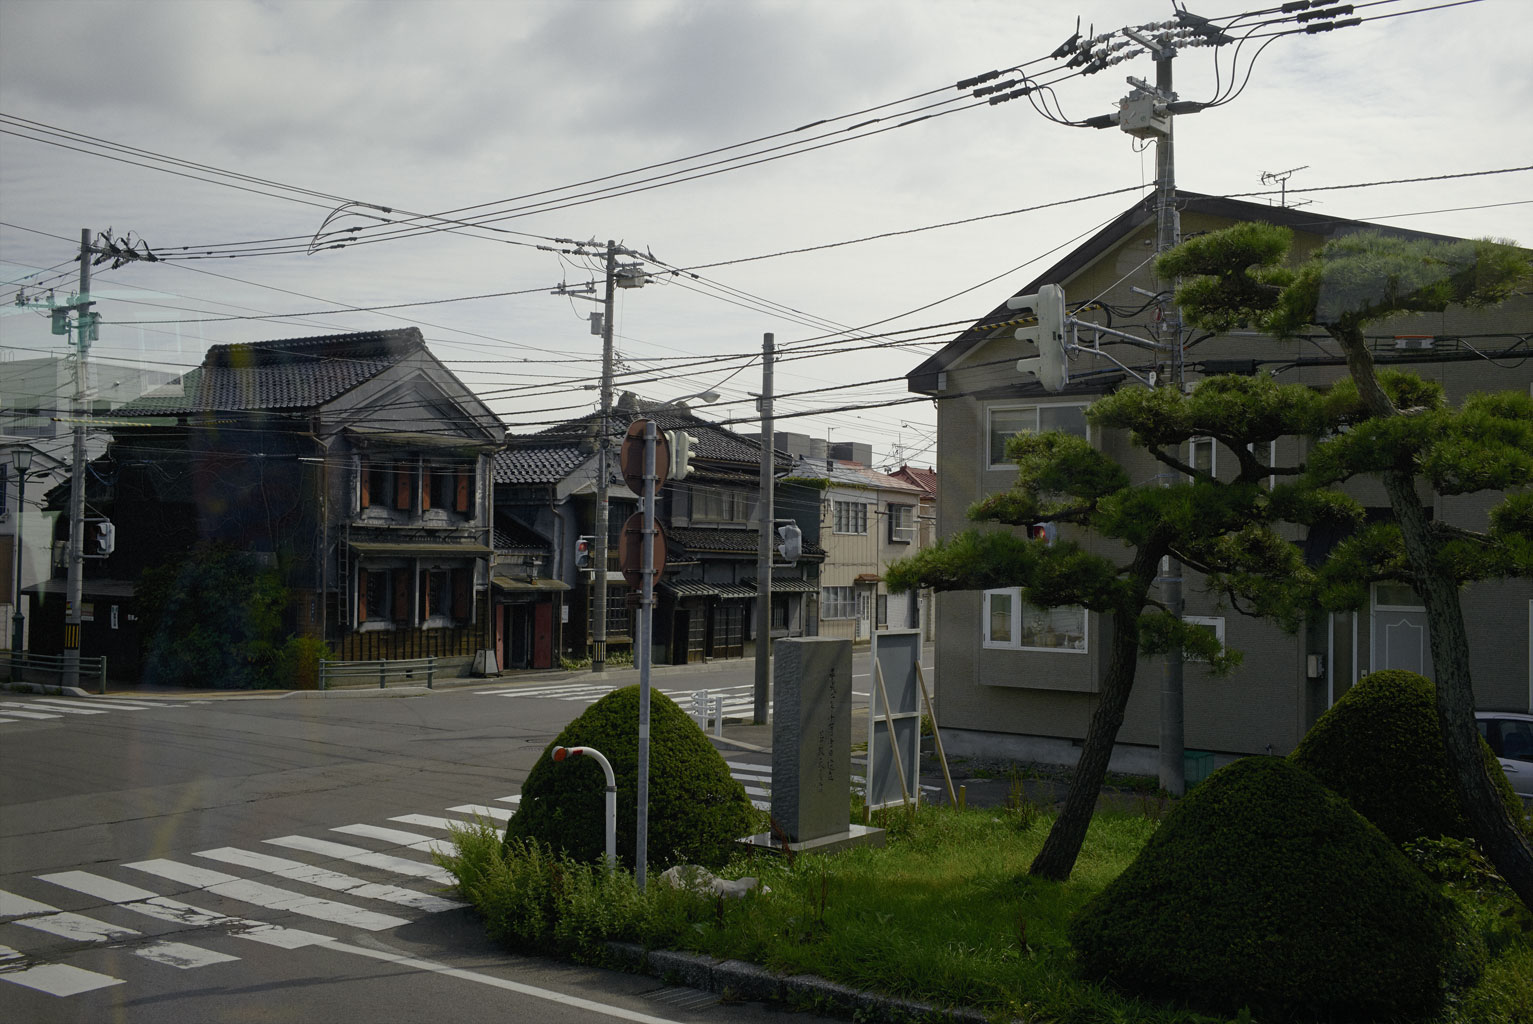 140925_TM_Japan_L_001544.jpg